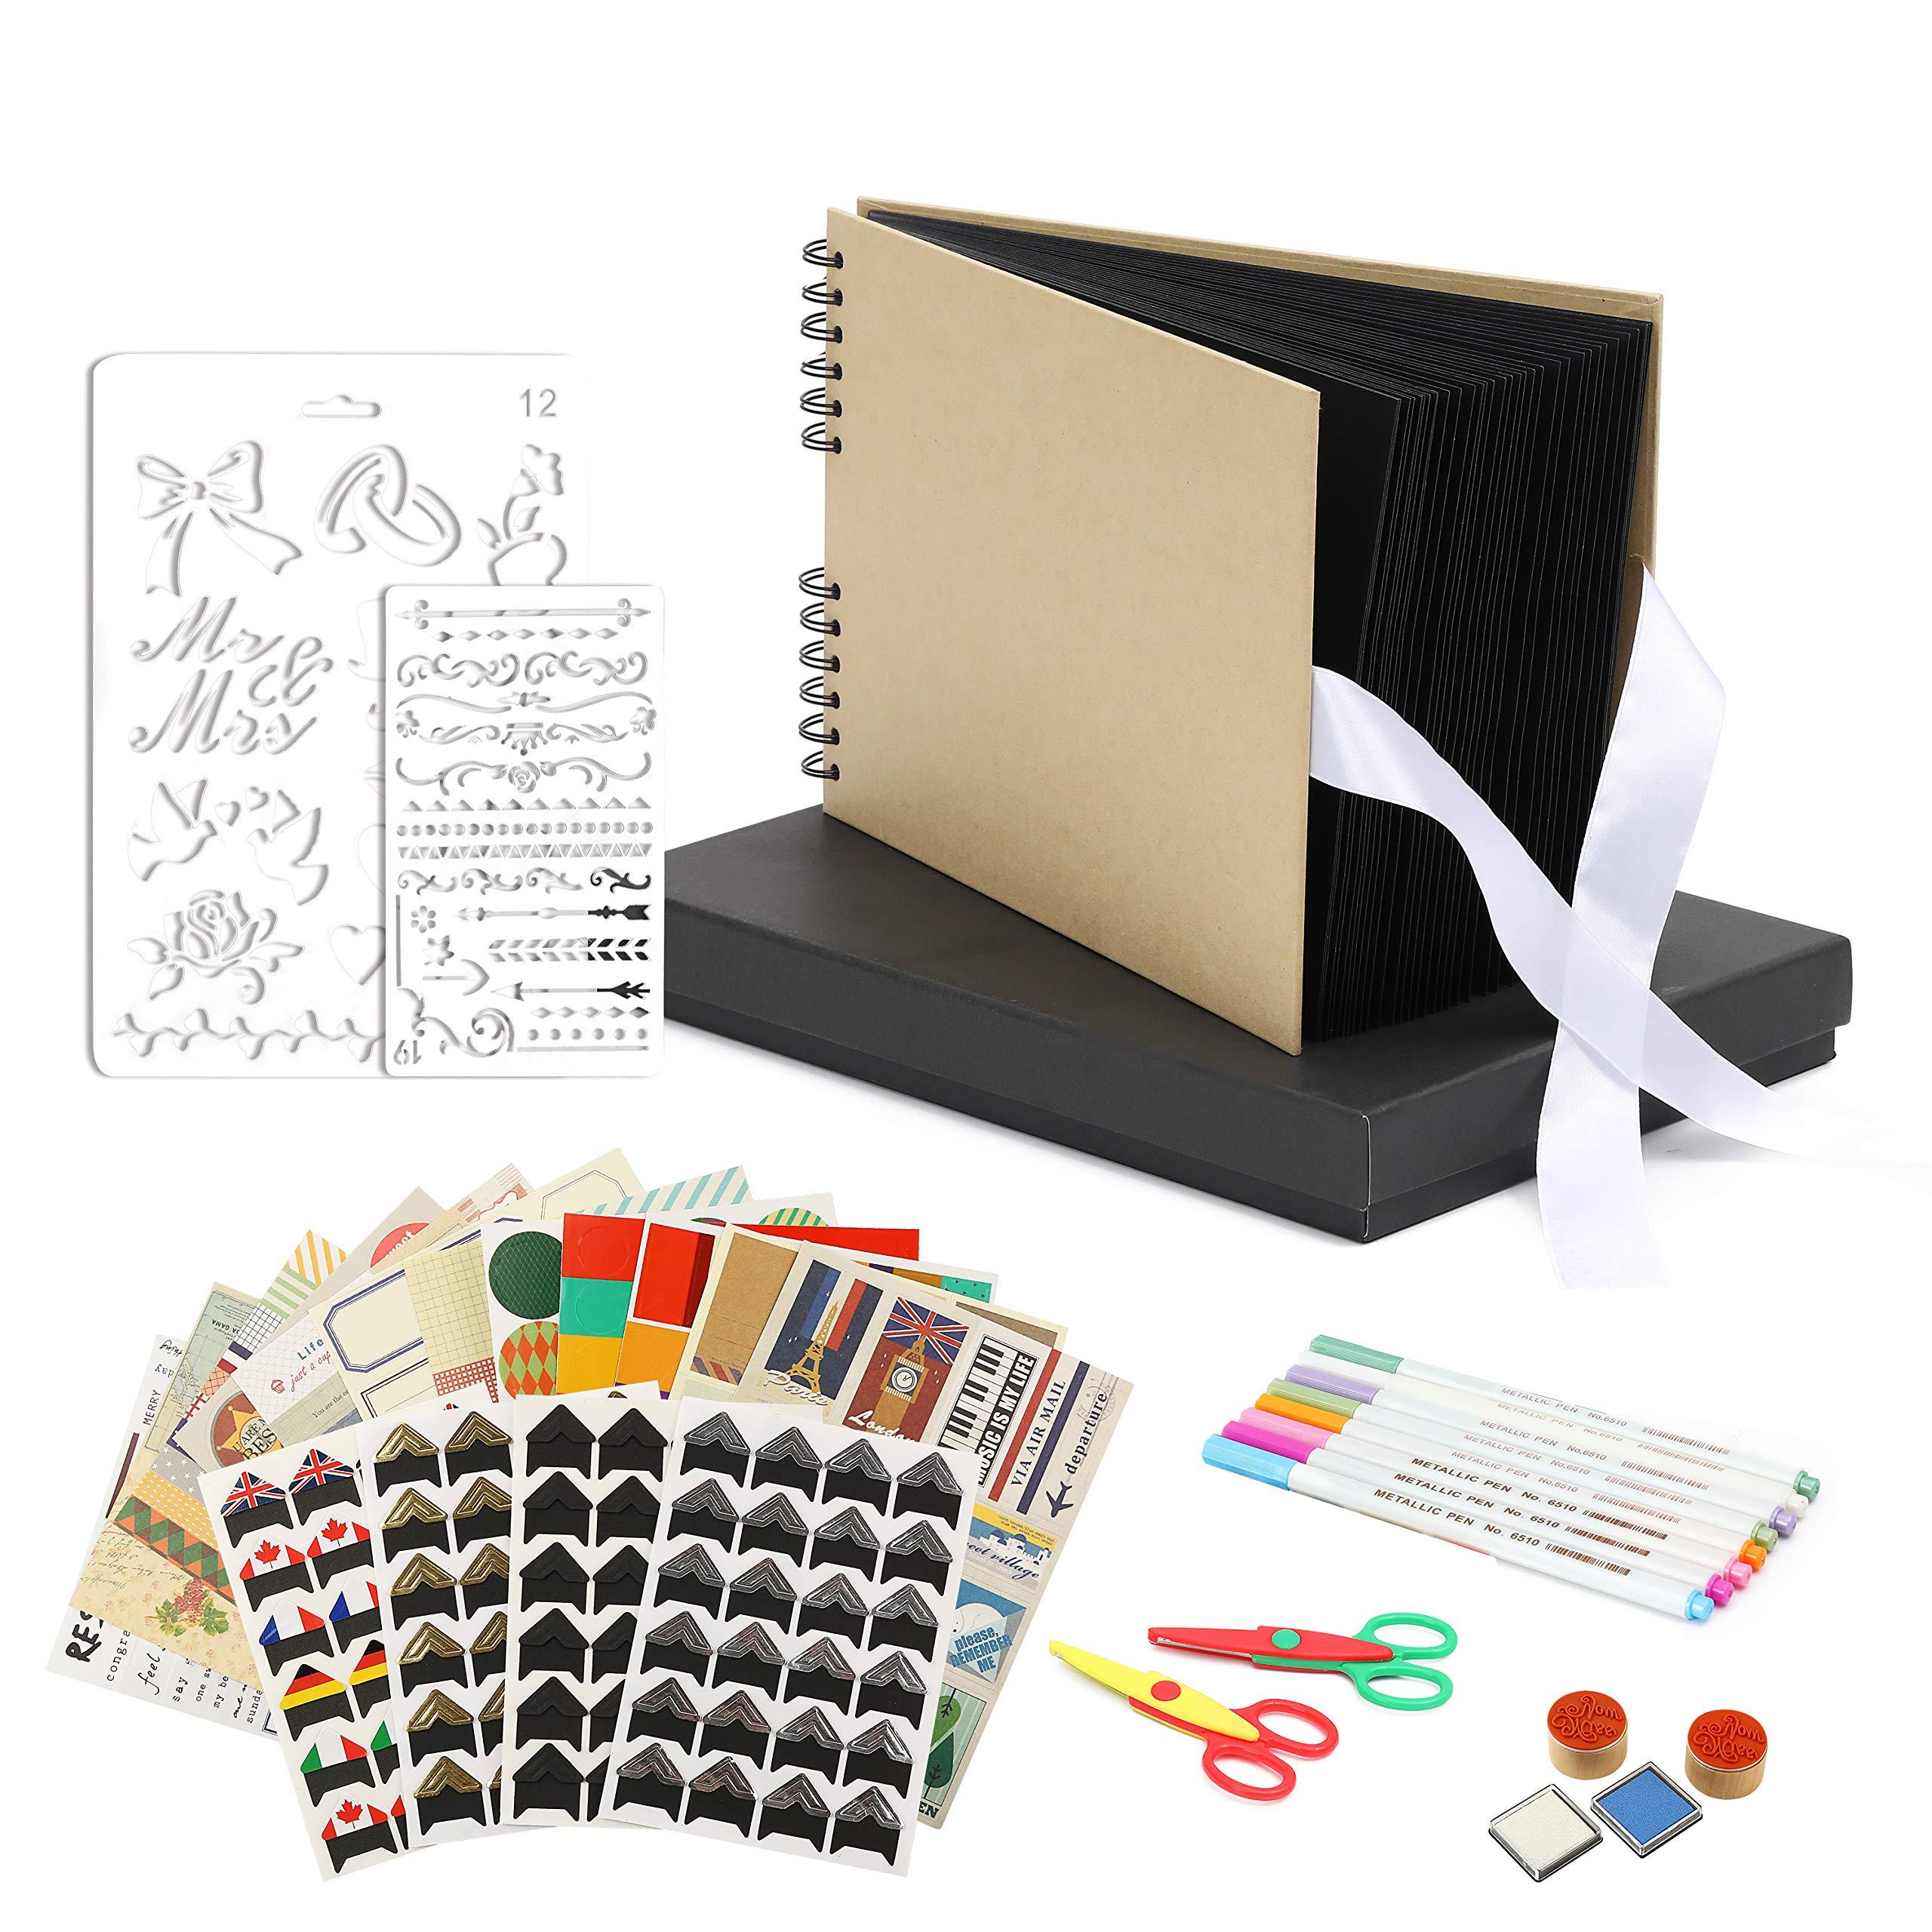 Scrapbook Photo Album DIY Kit Baby Scrapbook Album Wedding Guest Book Anniversary Scrapbook School Memory Book Keepsake Album Handmade DIY Album with Bonus Gift Box Black Paper 80 Pages